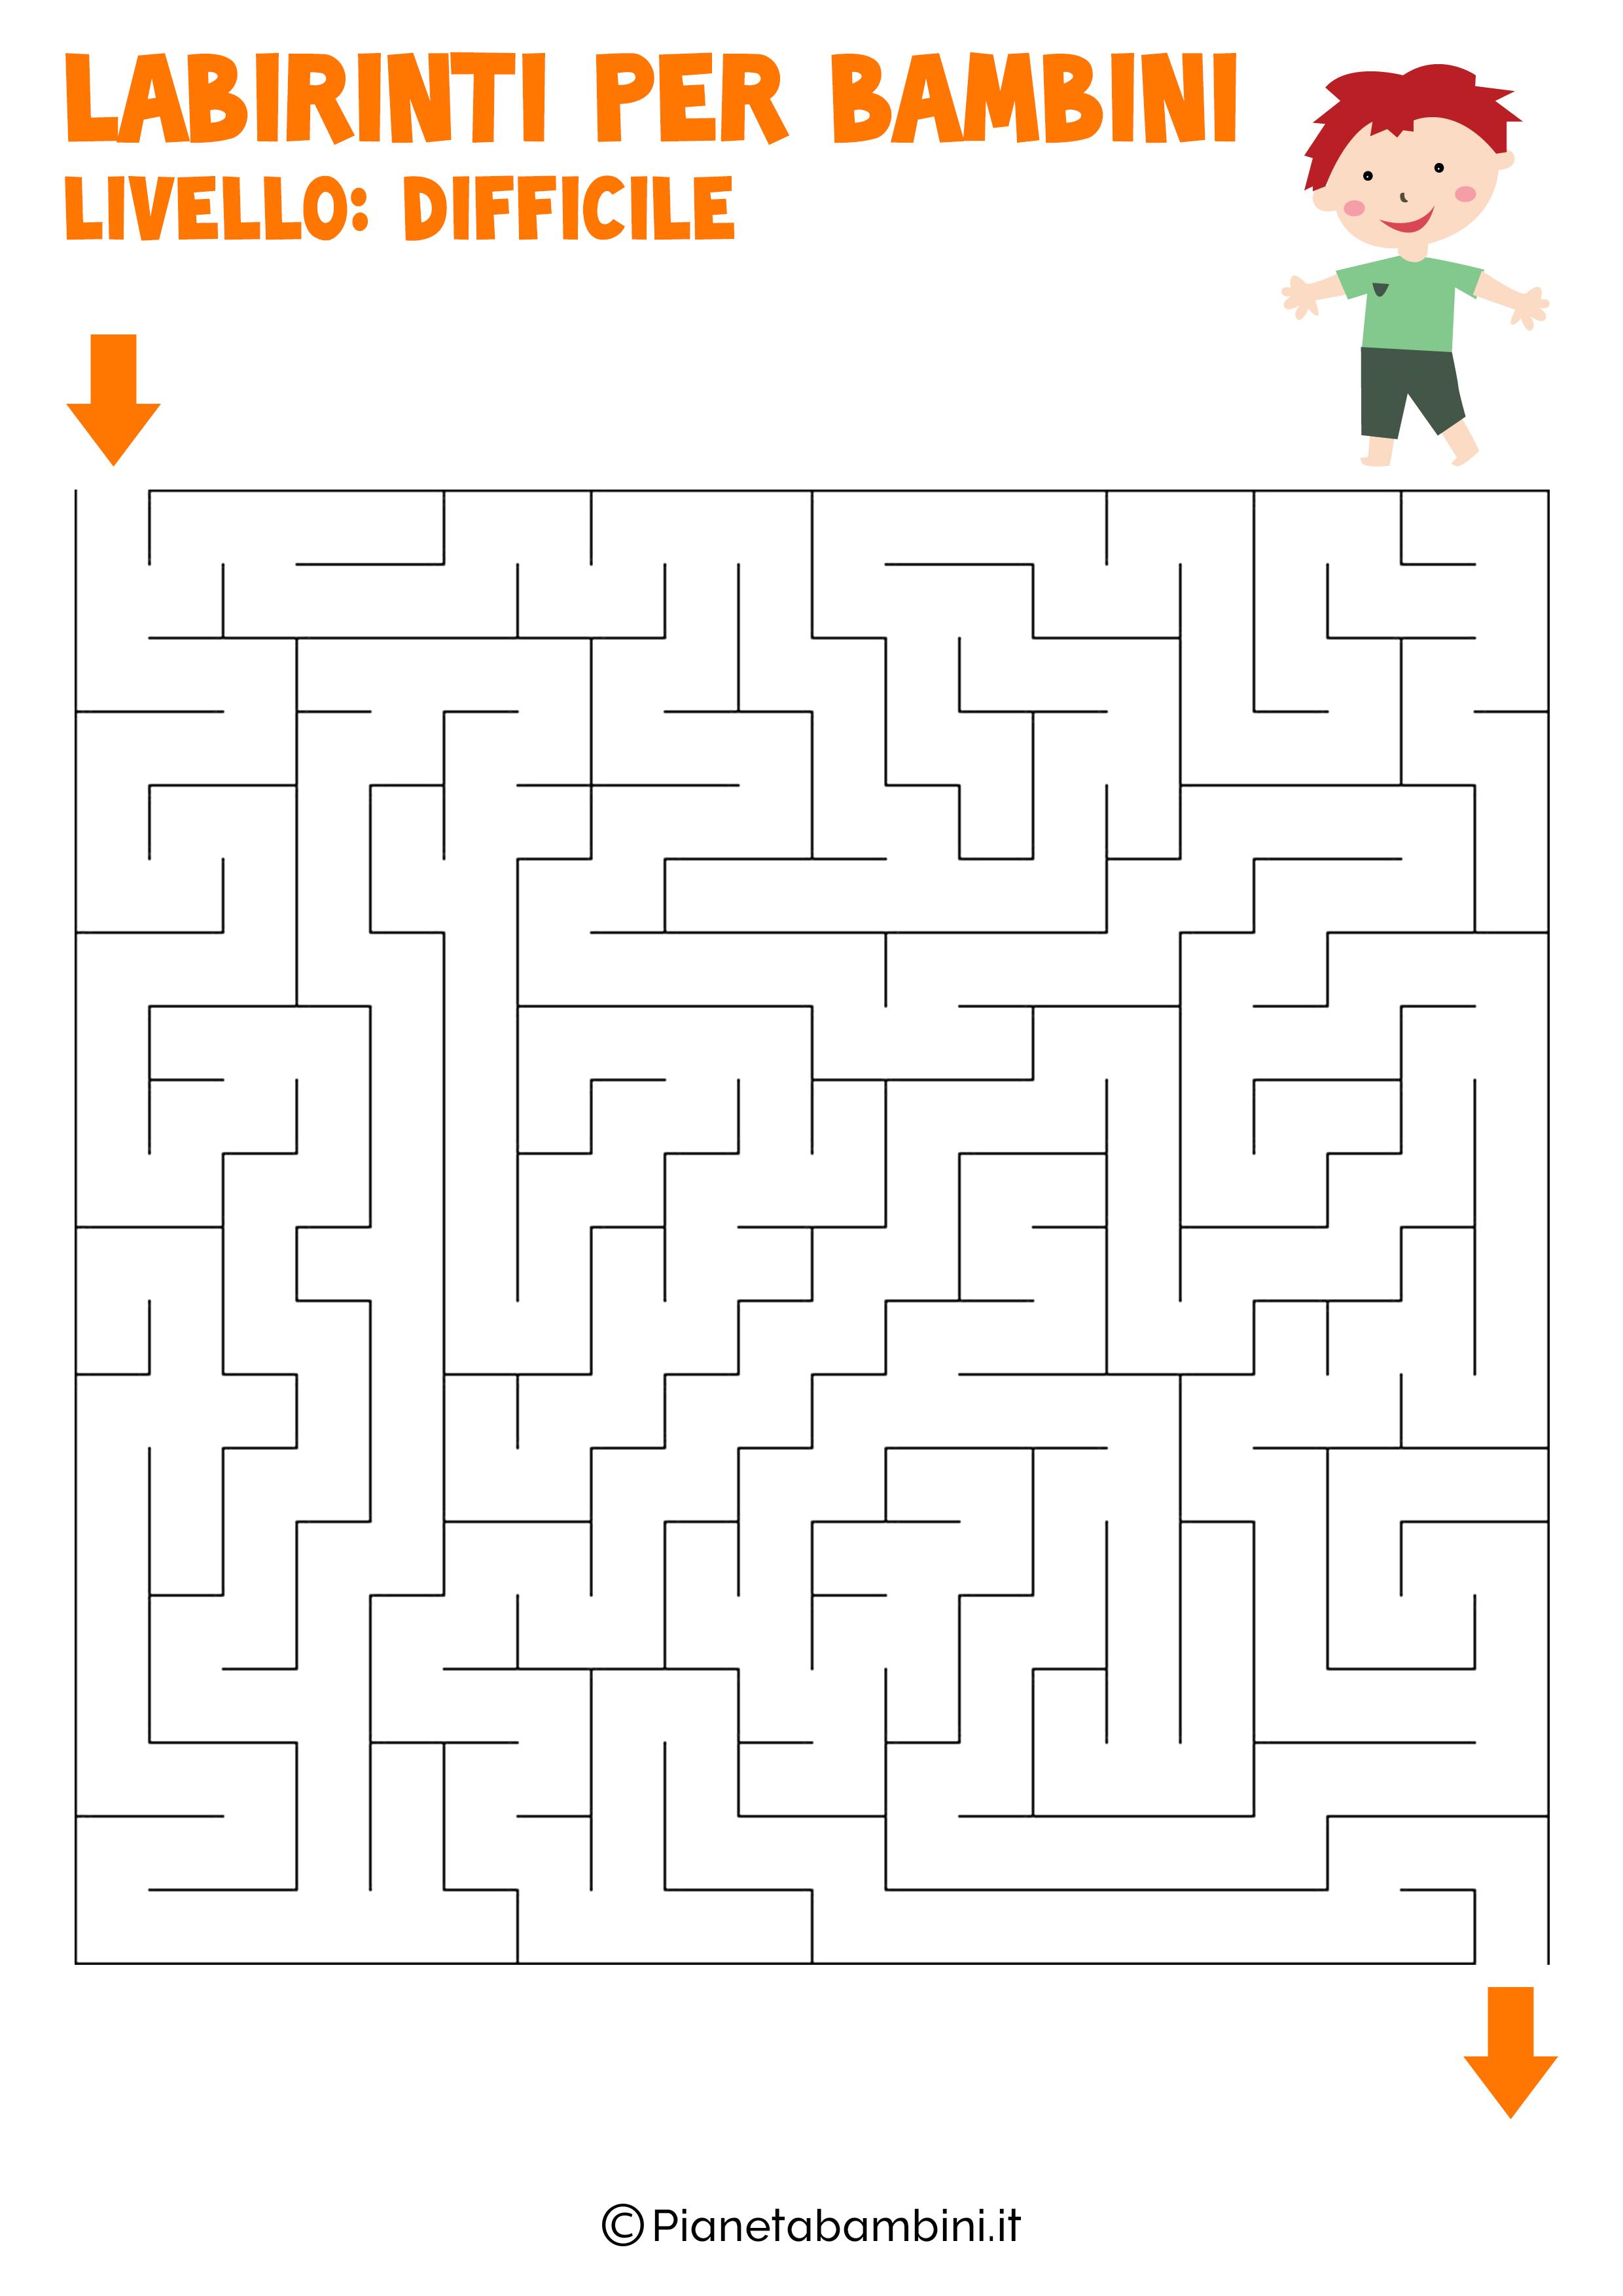 Labirinto difficile per bambini numero 5